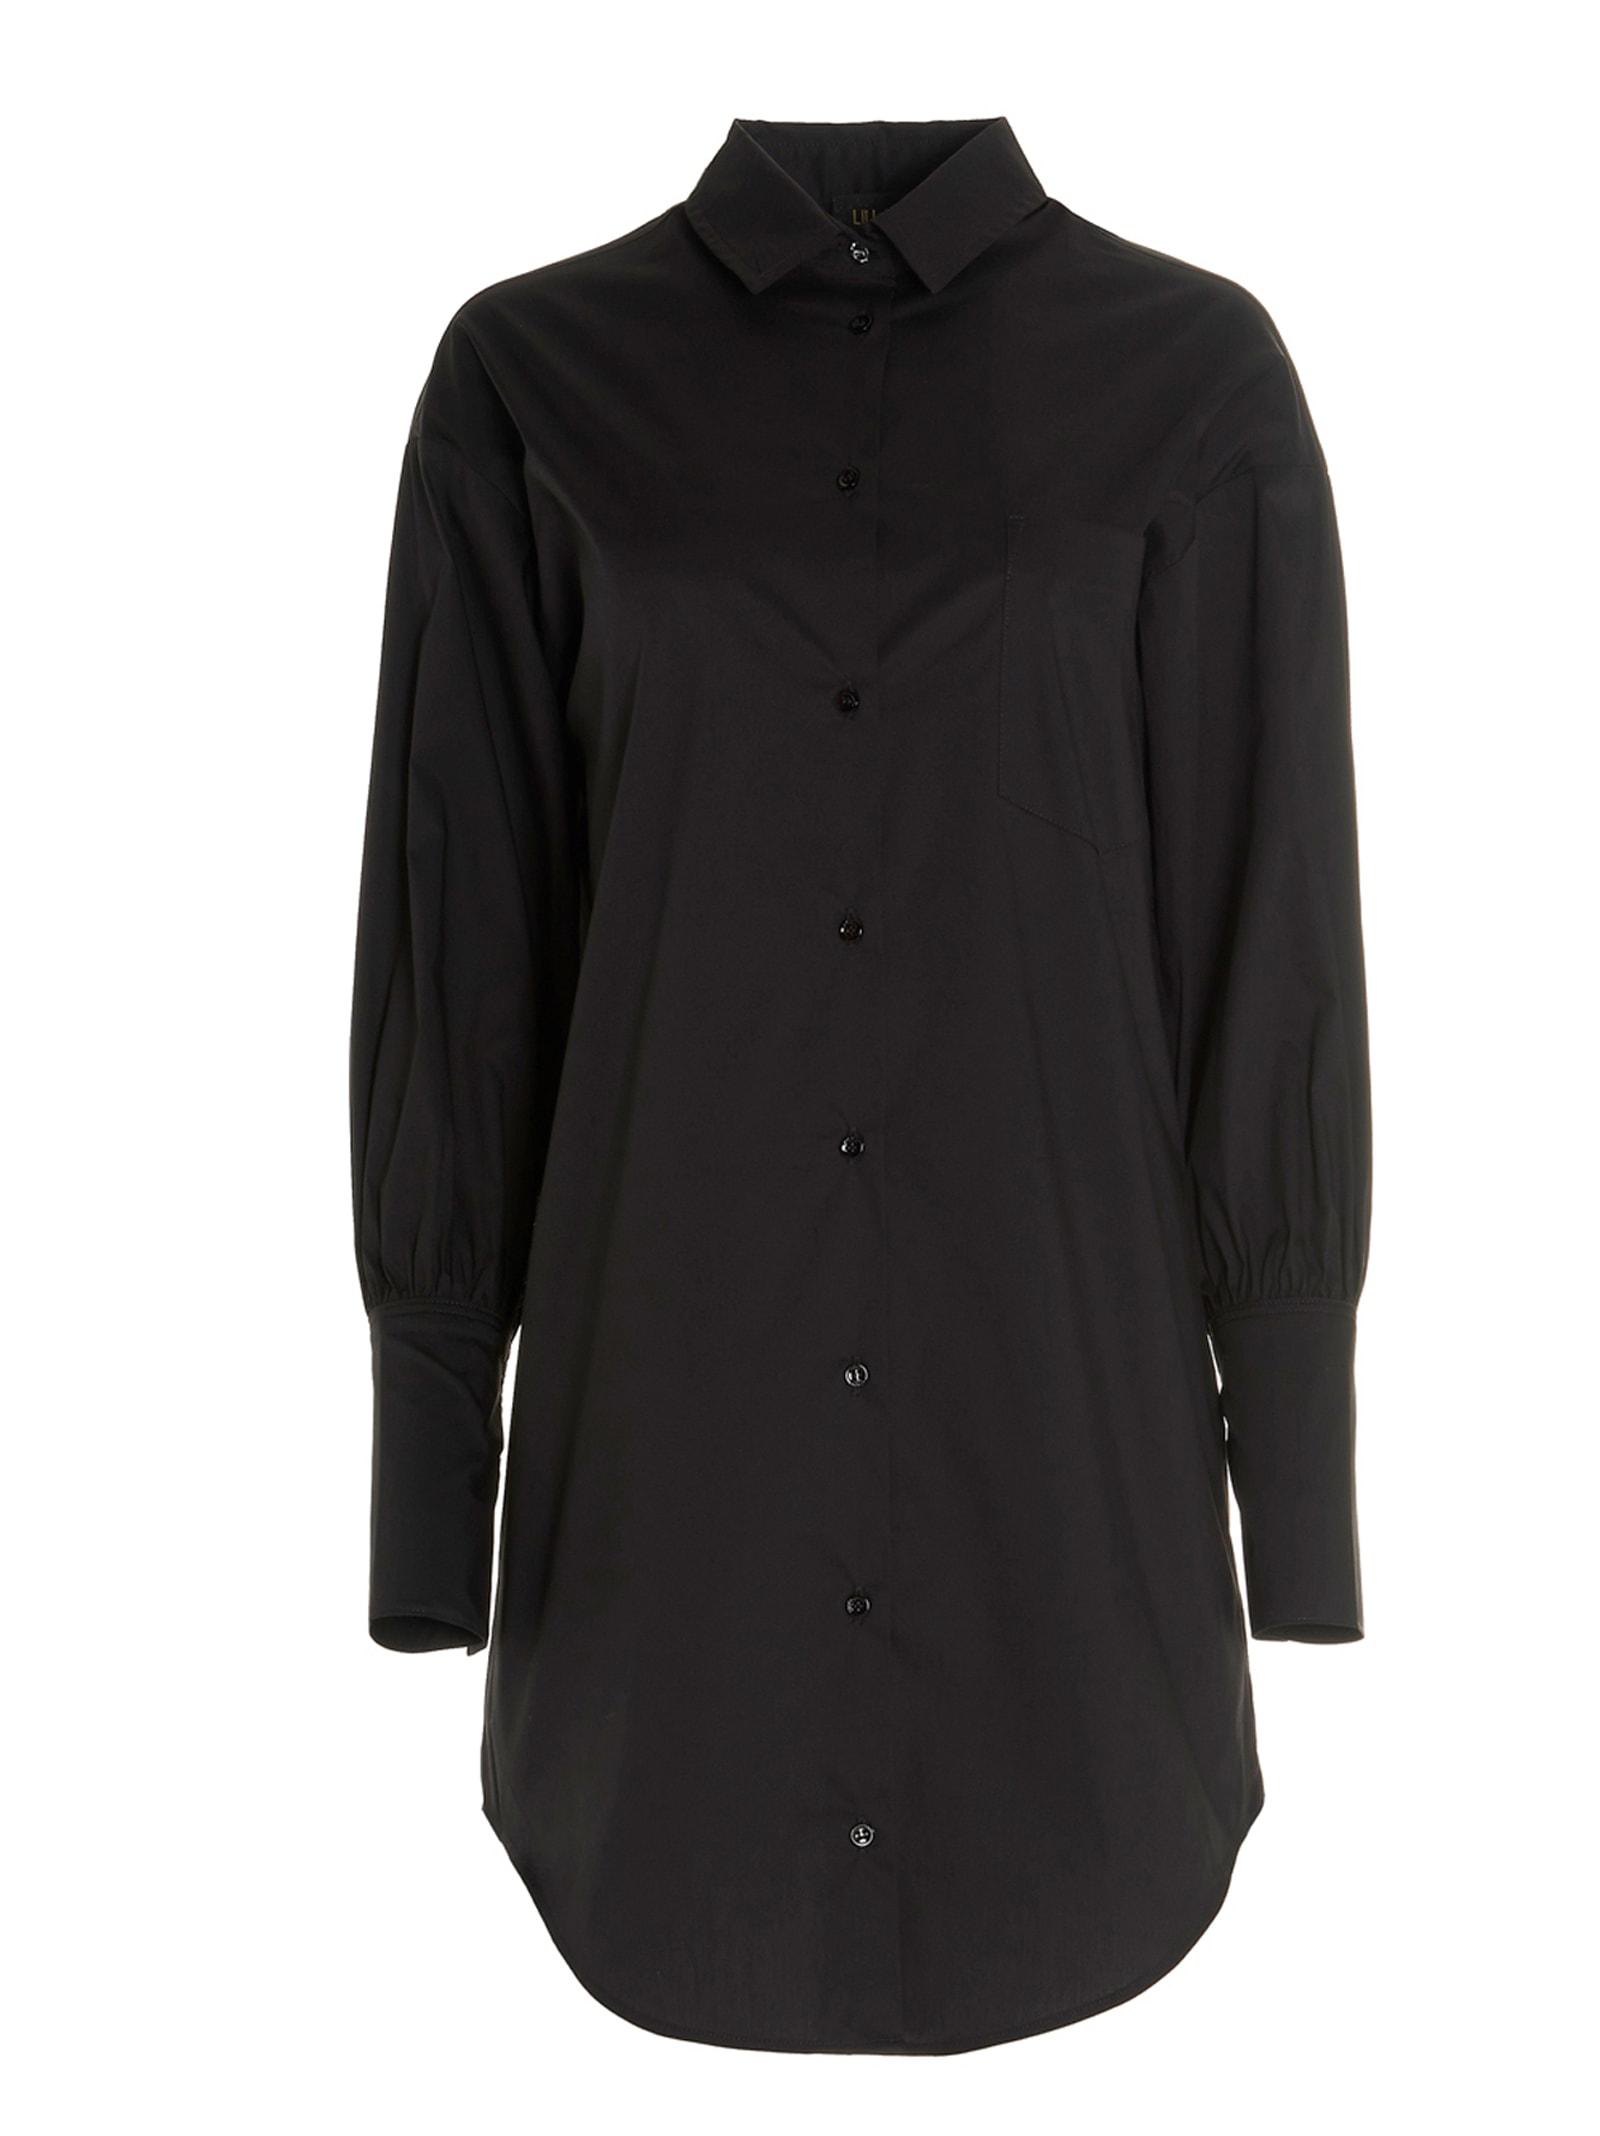 Liu •jo Cottons LIU-JO DRESS